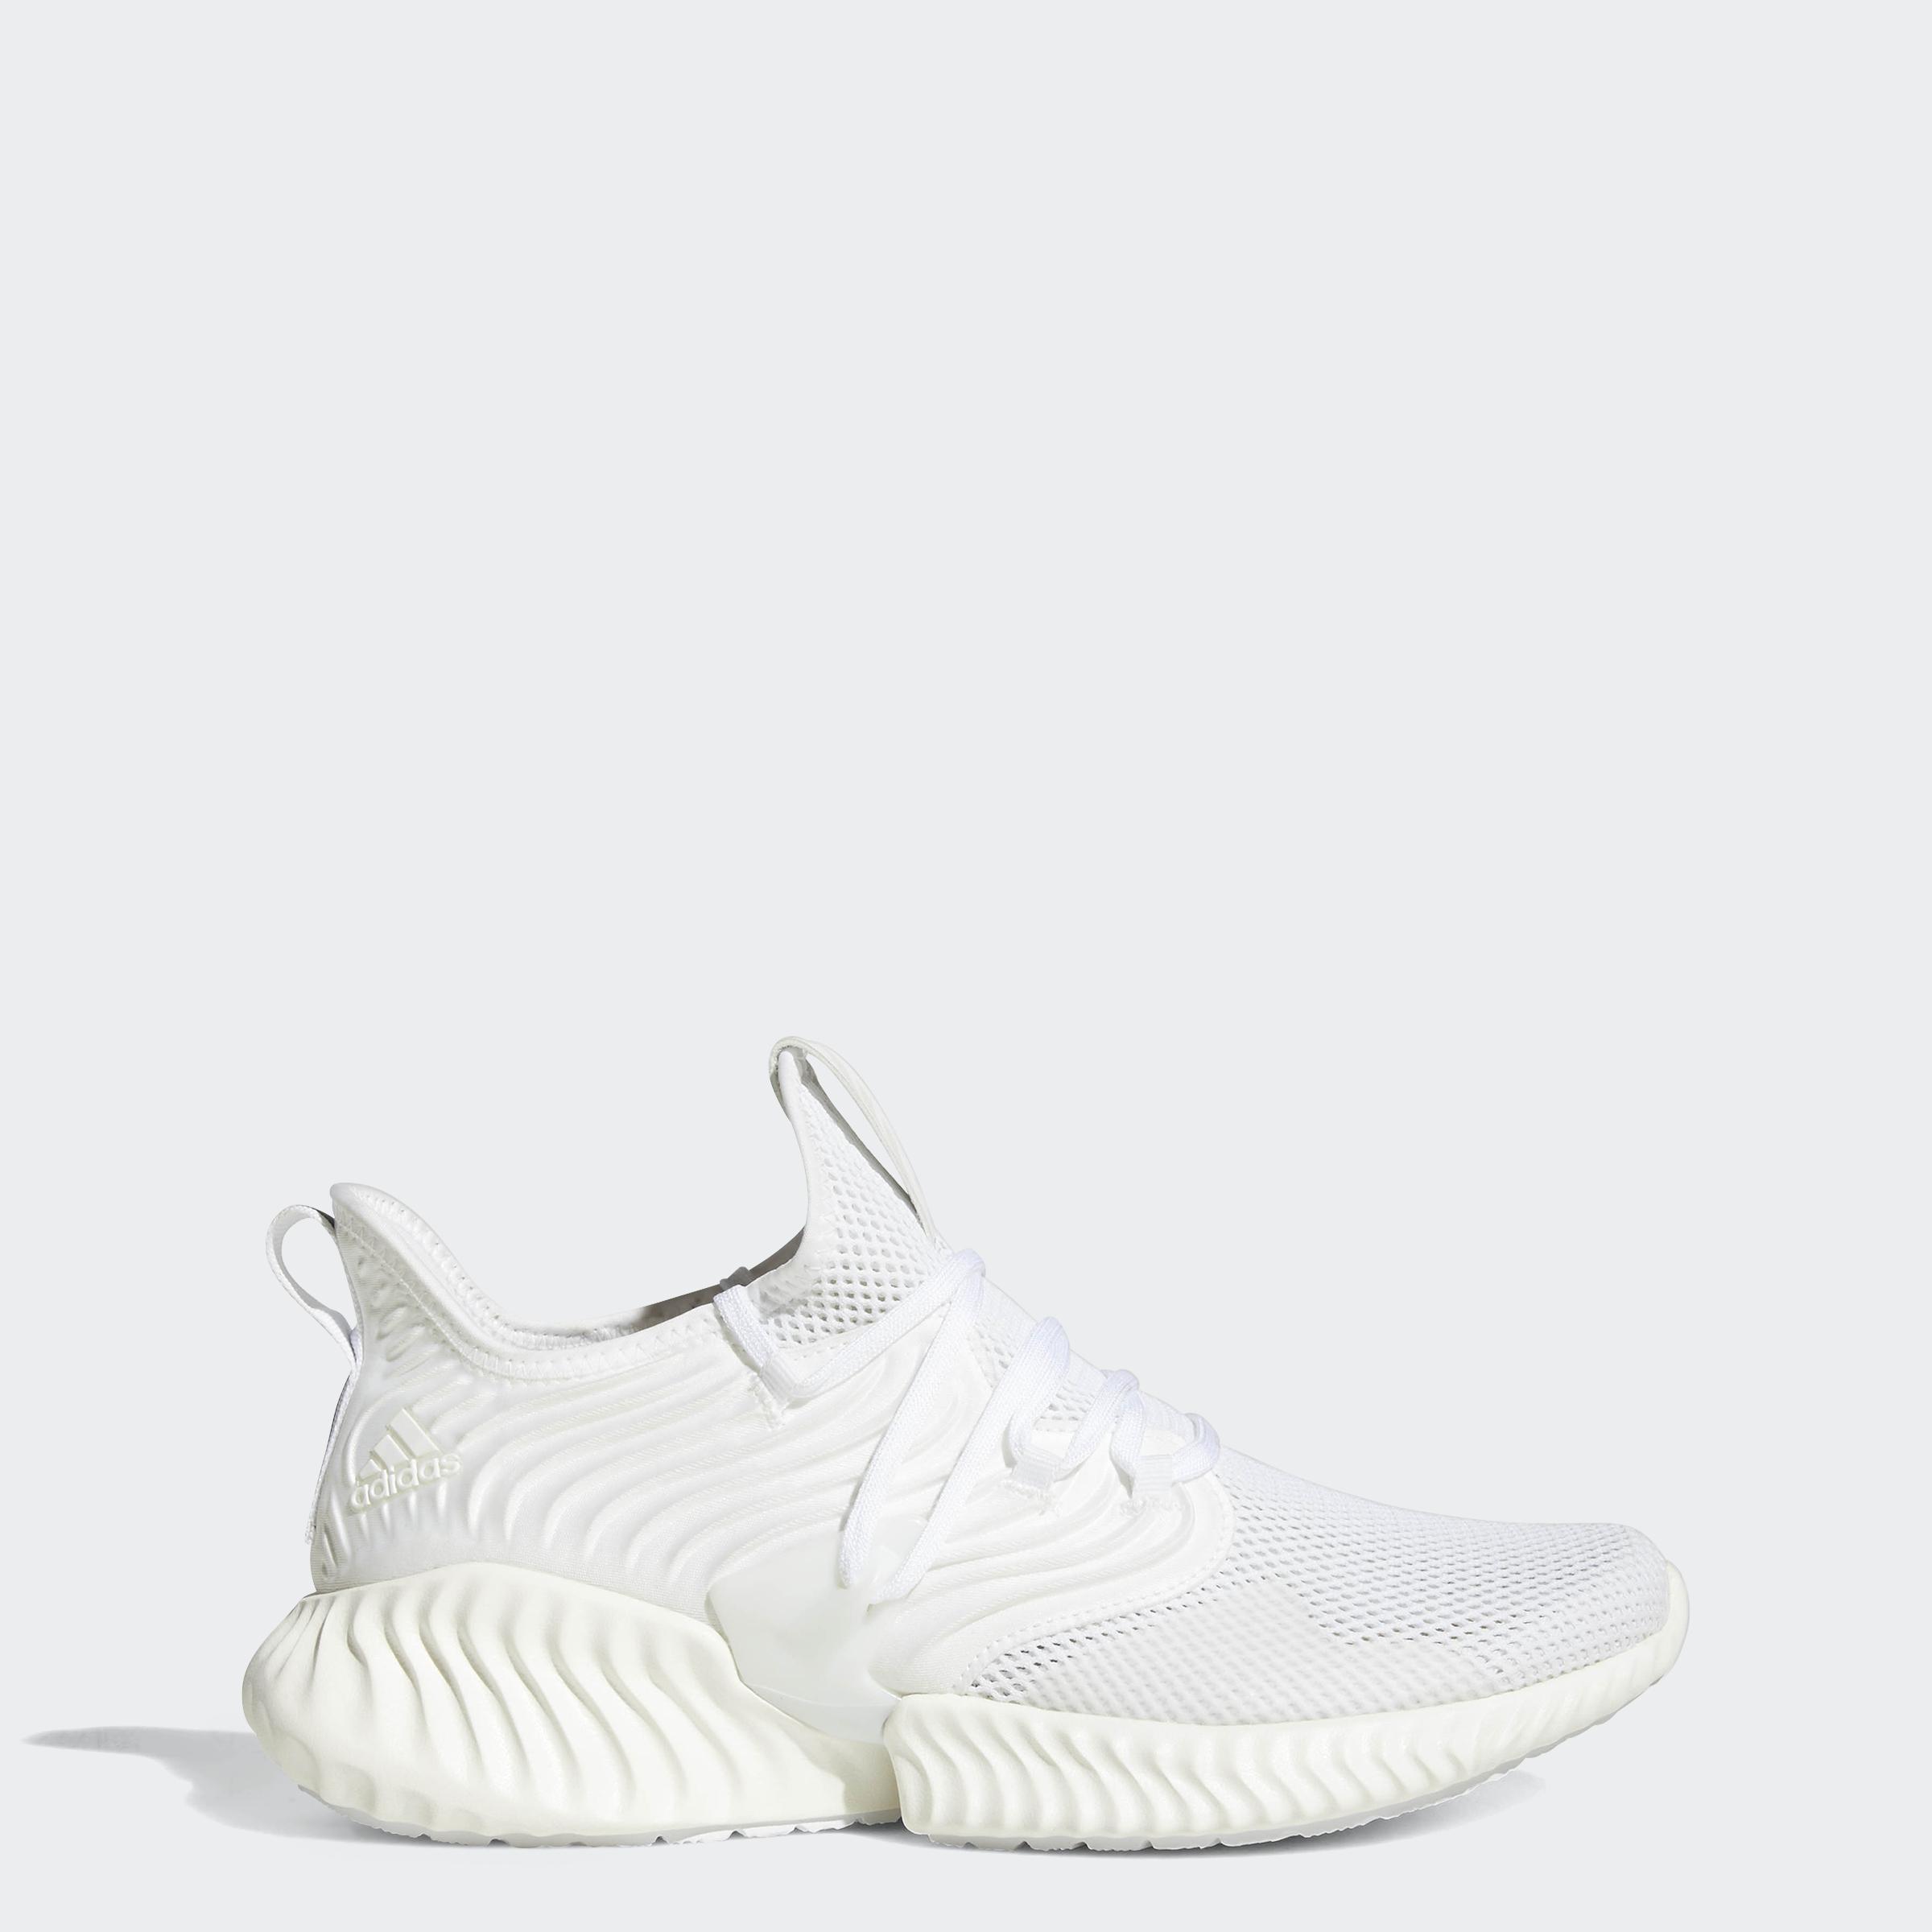 Details about adidas Alphabounce Instinct Clima Shoes Men's